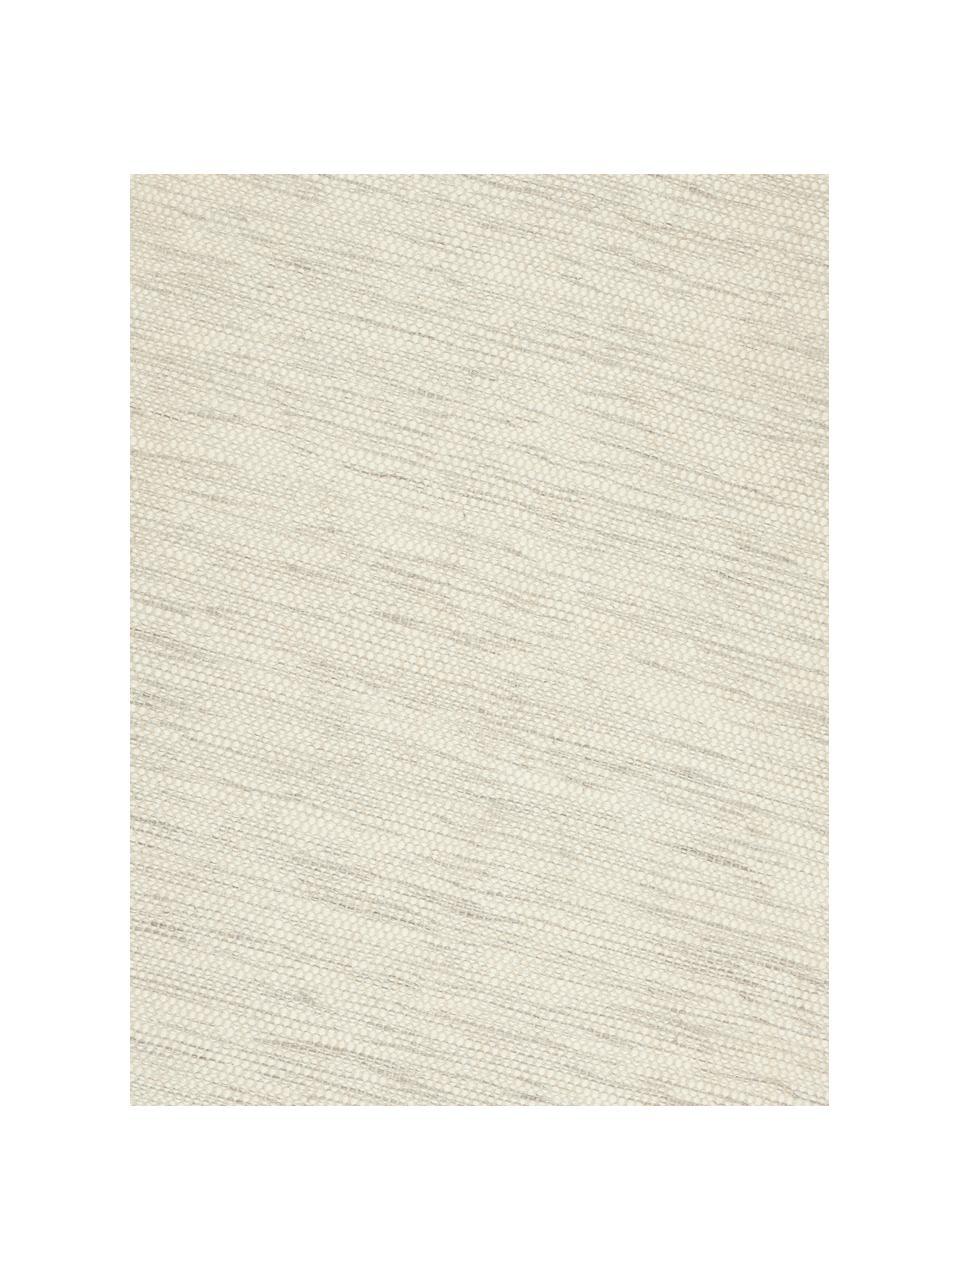 Tappeto in lana tessuto a mano color crema/grigio chiaro maculato Asko, Retro: cotone Nel caso dei tappe, Beige, Larg. 200 x Lung. 300 cm (taglia L)